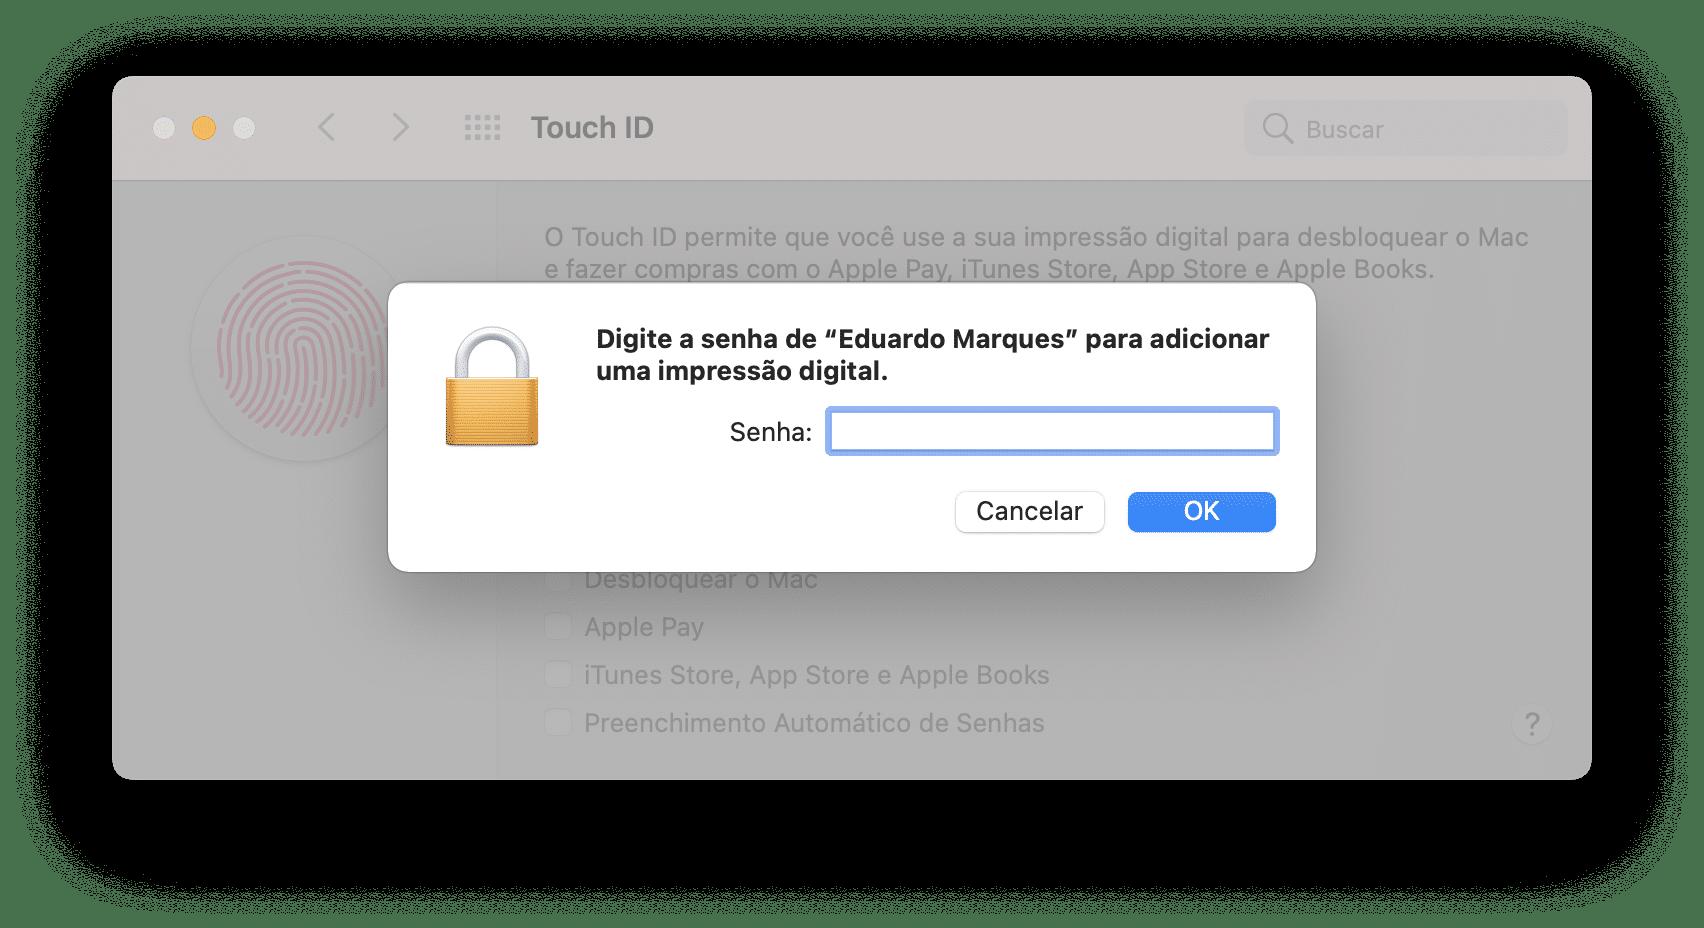 Configurando o Touch ID em um Mac